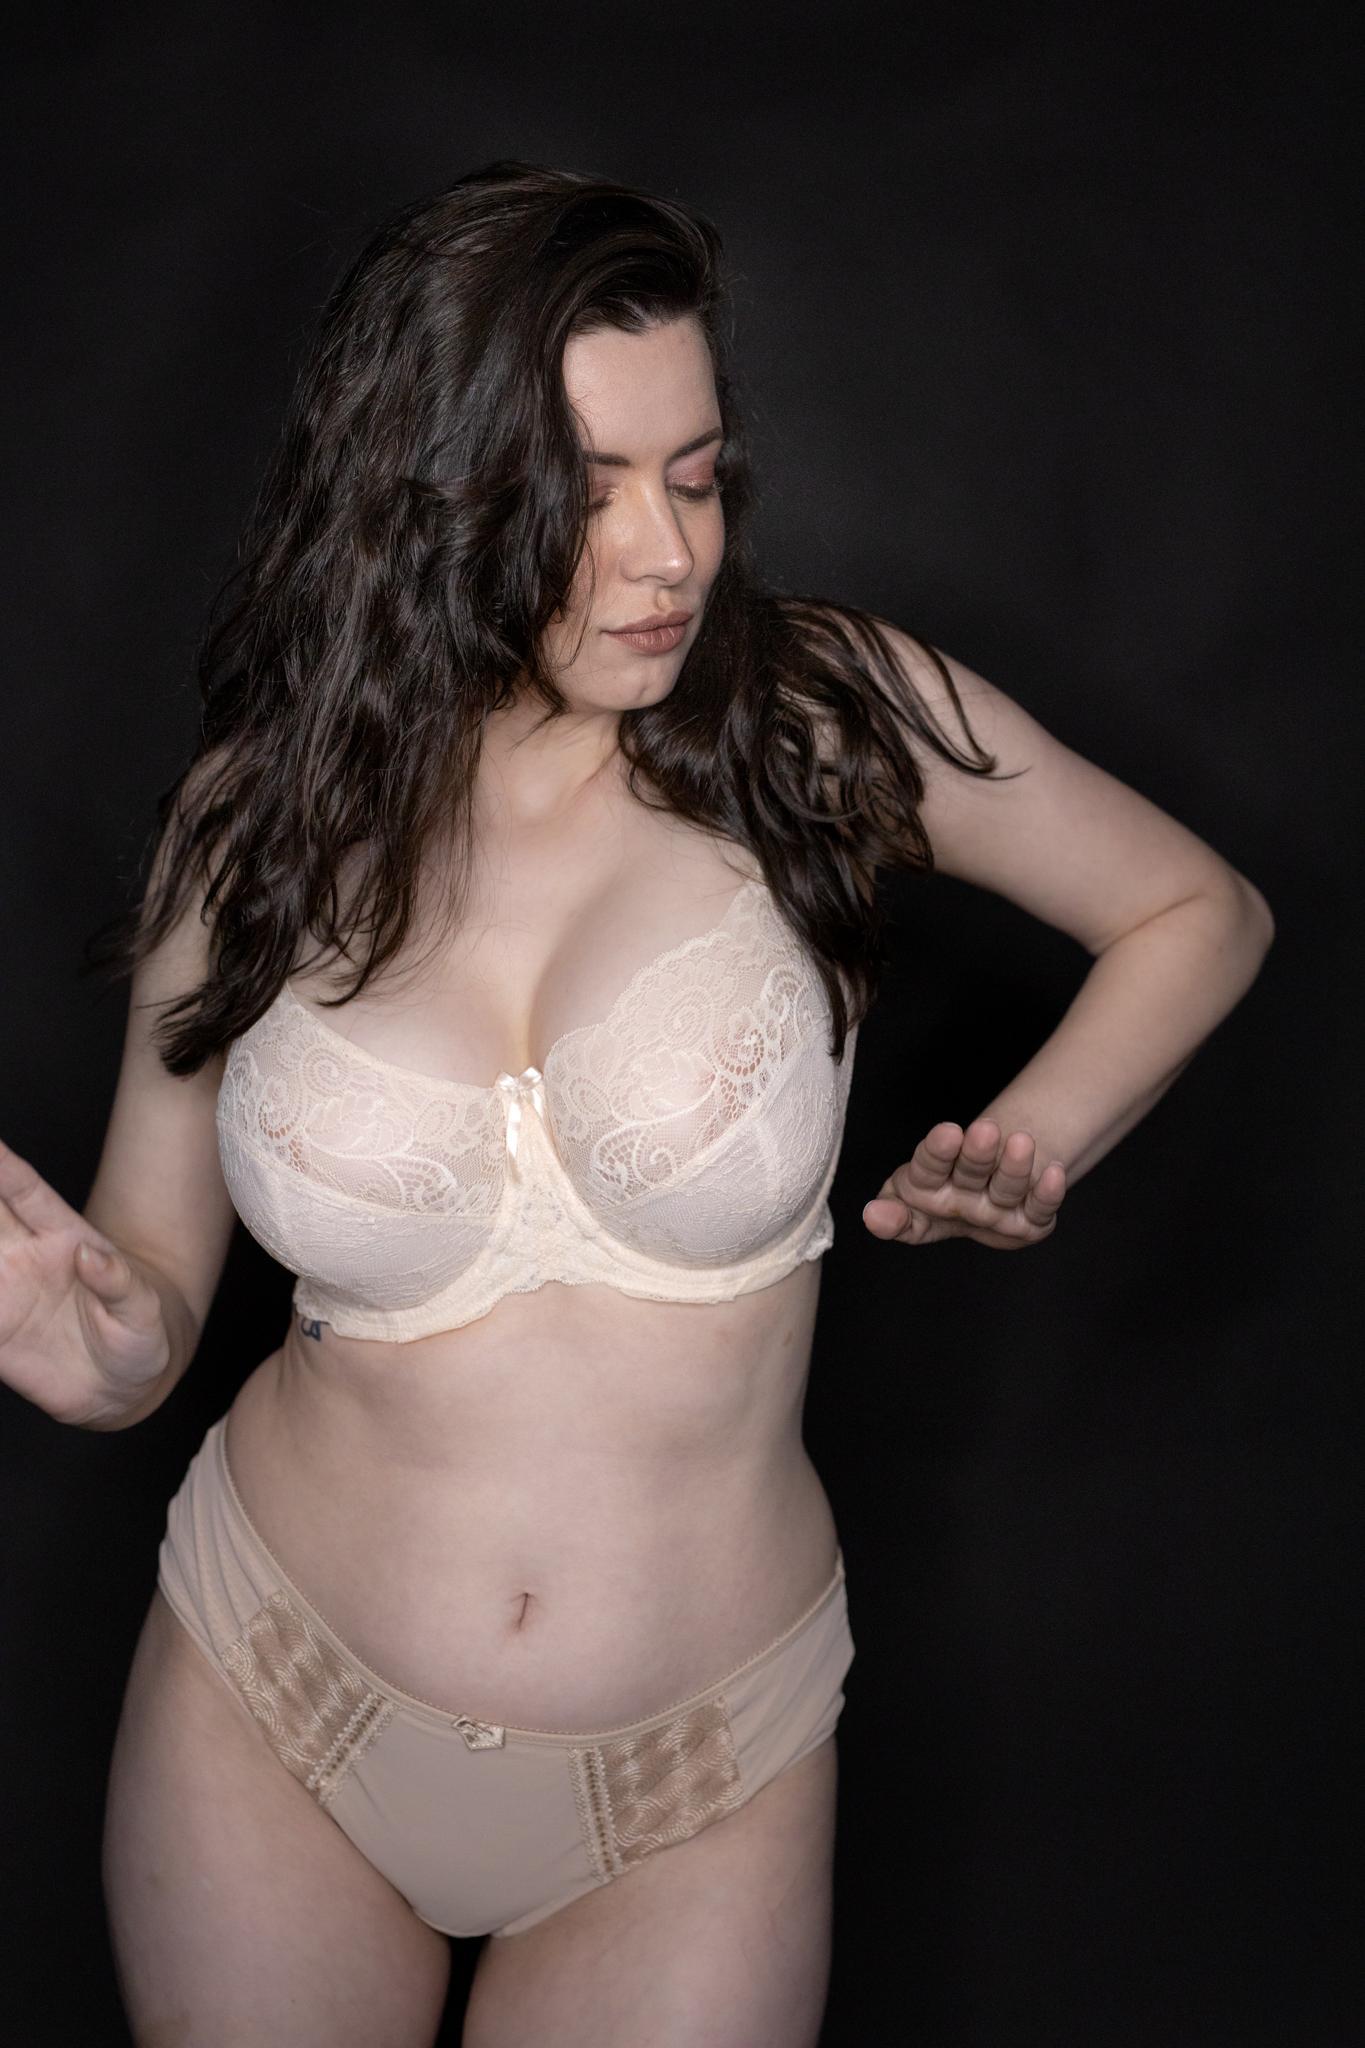 Sam Paige Nude Lingerie Strip Set Leaked 0003